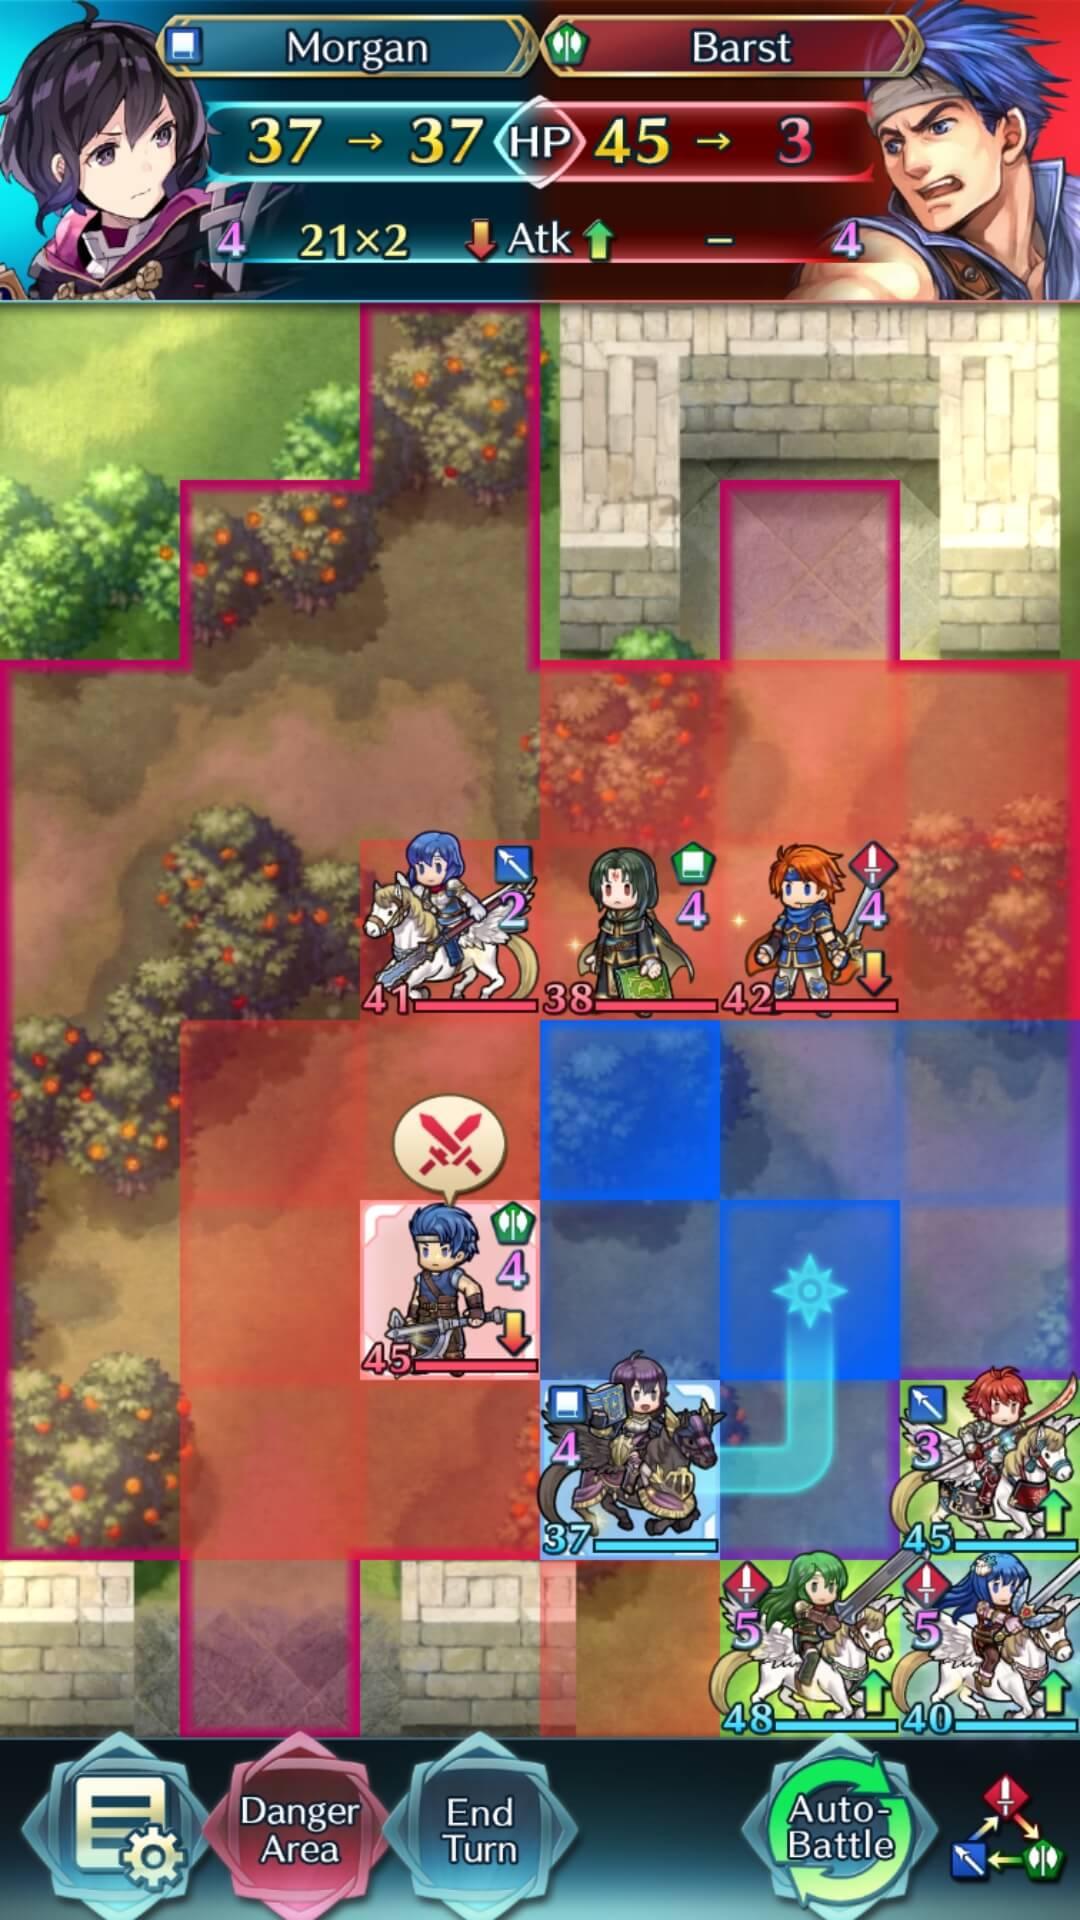 F Morgan attacks Barst